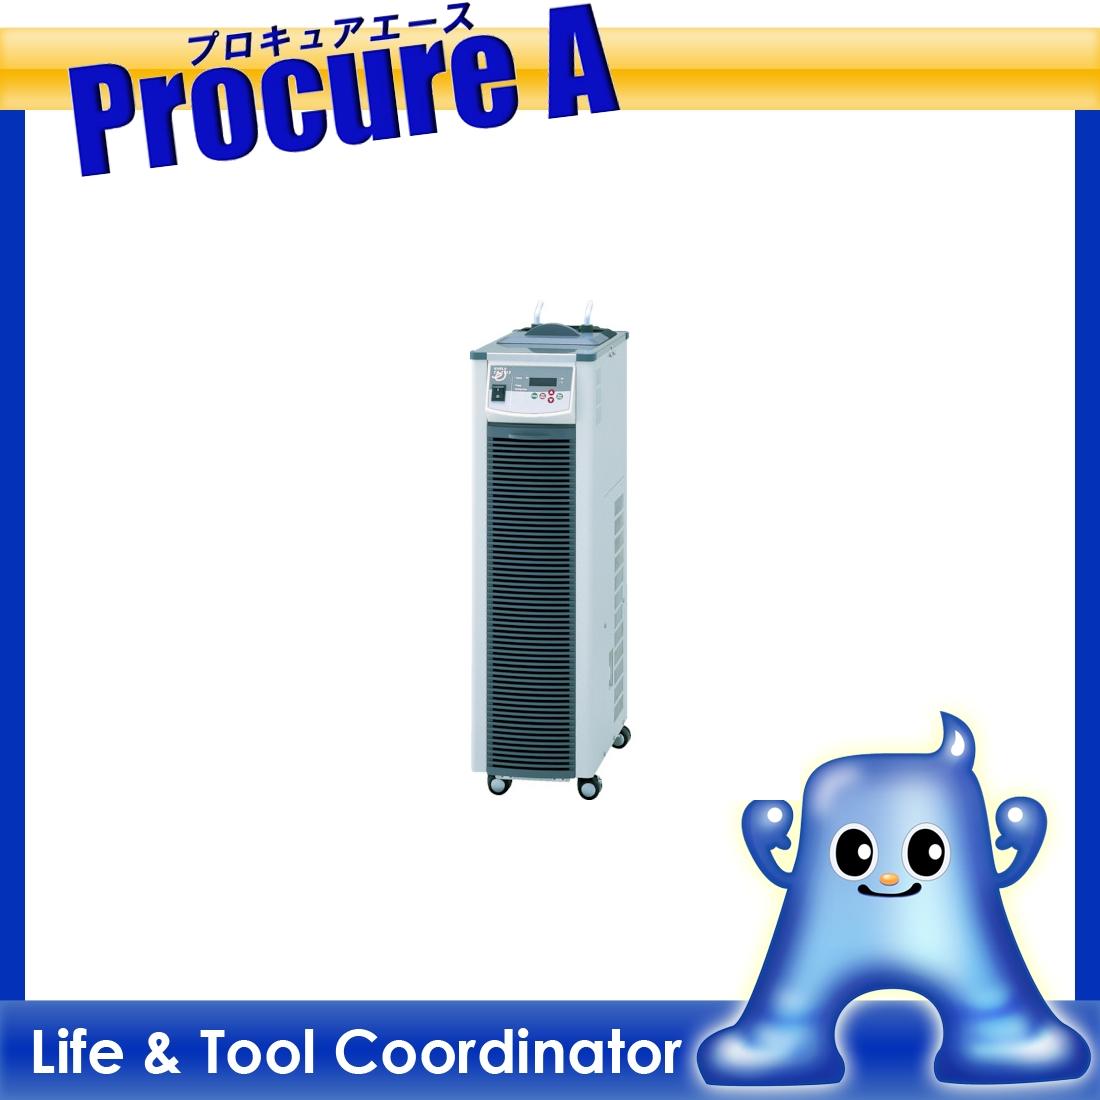 東京理化 冷却水循環装置 CA-1113 ▼462-9990 東京理化器械(株) 【代引決済不可】